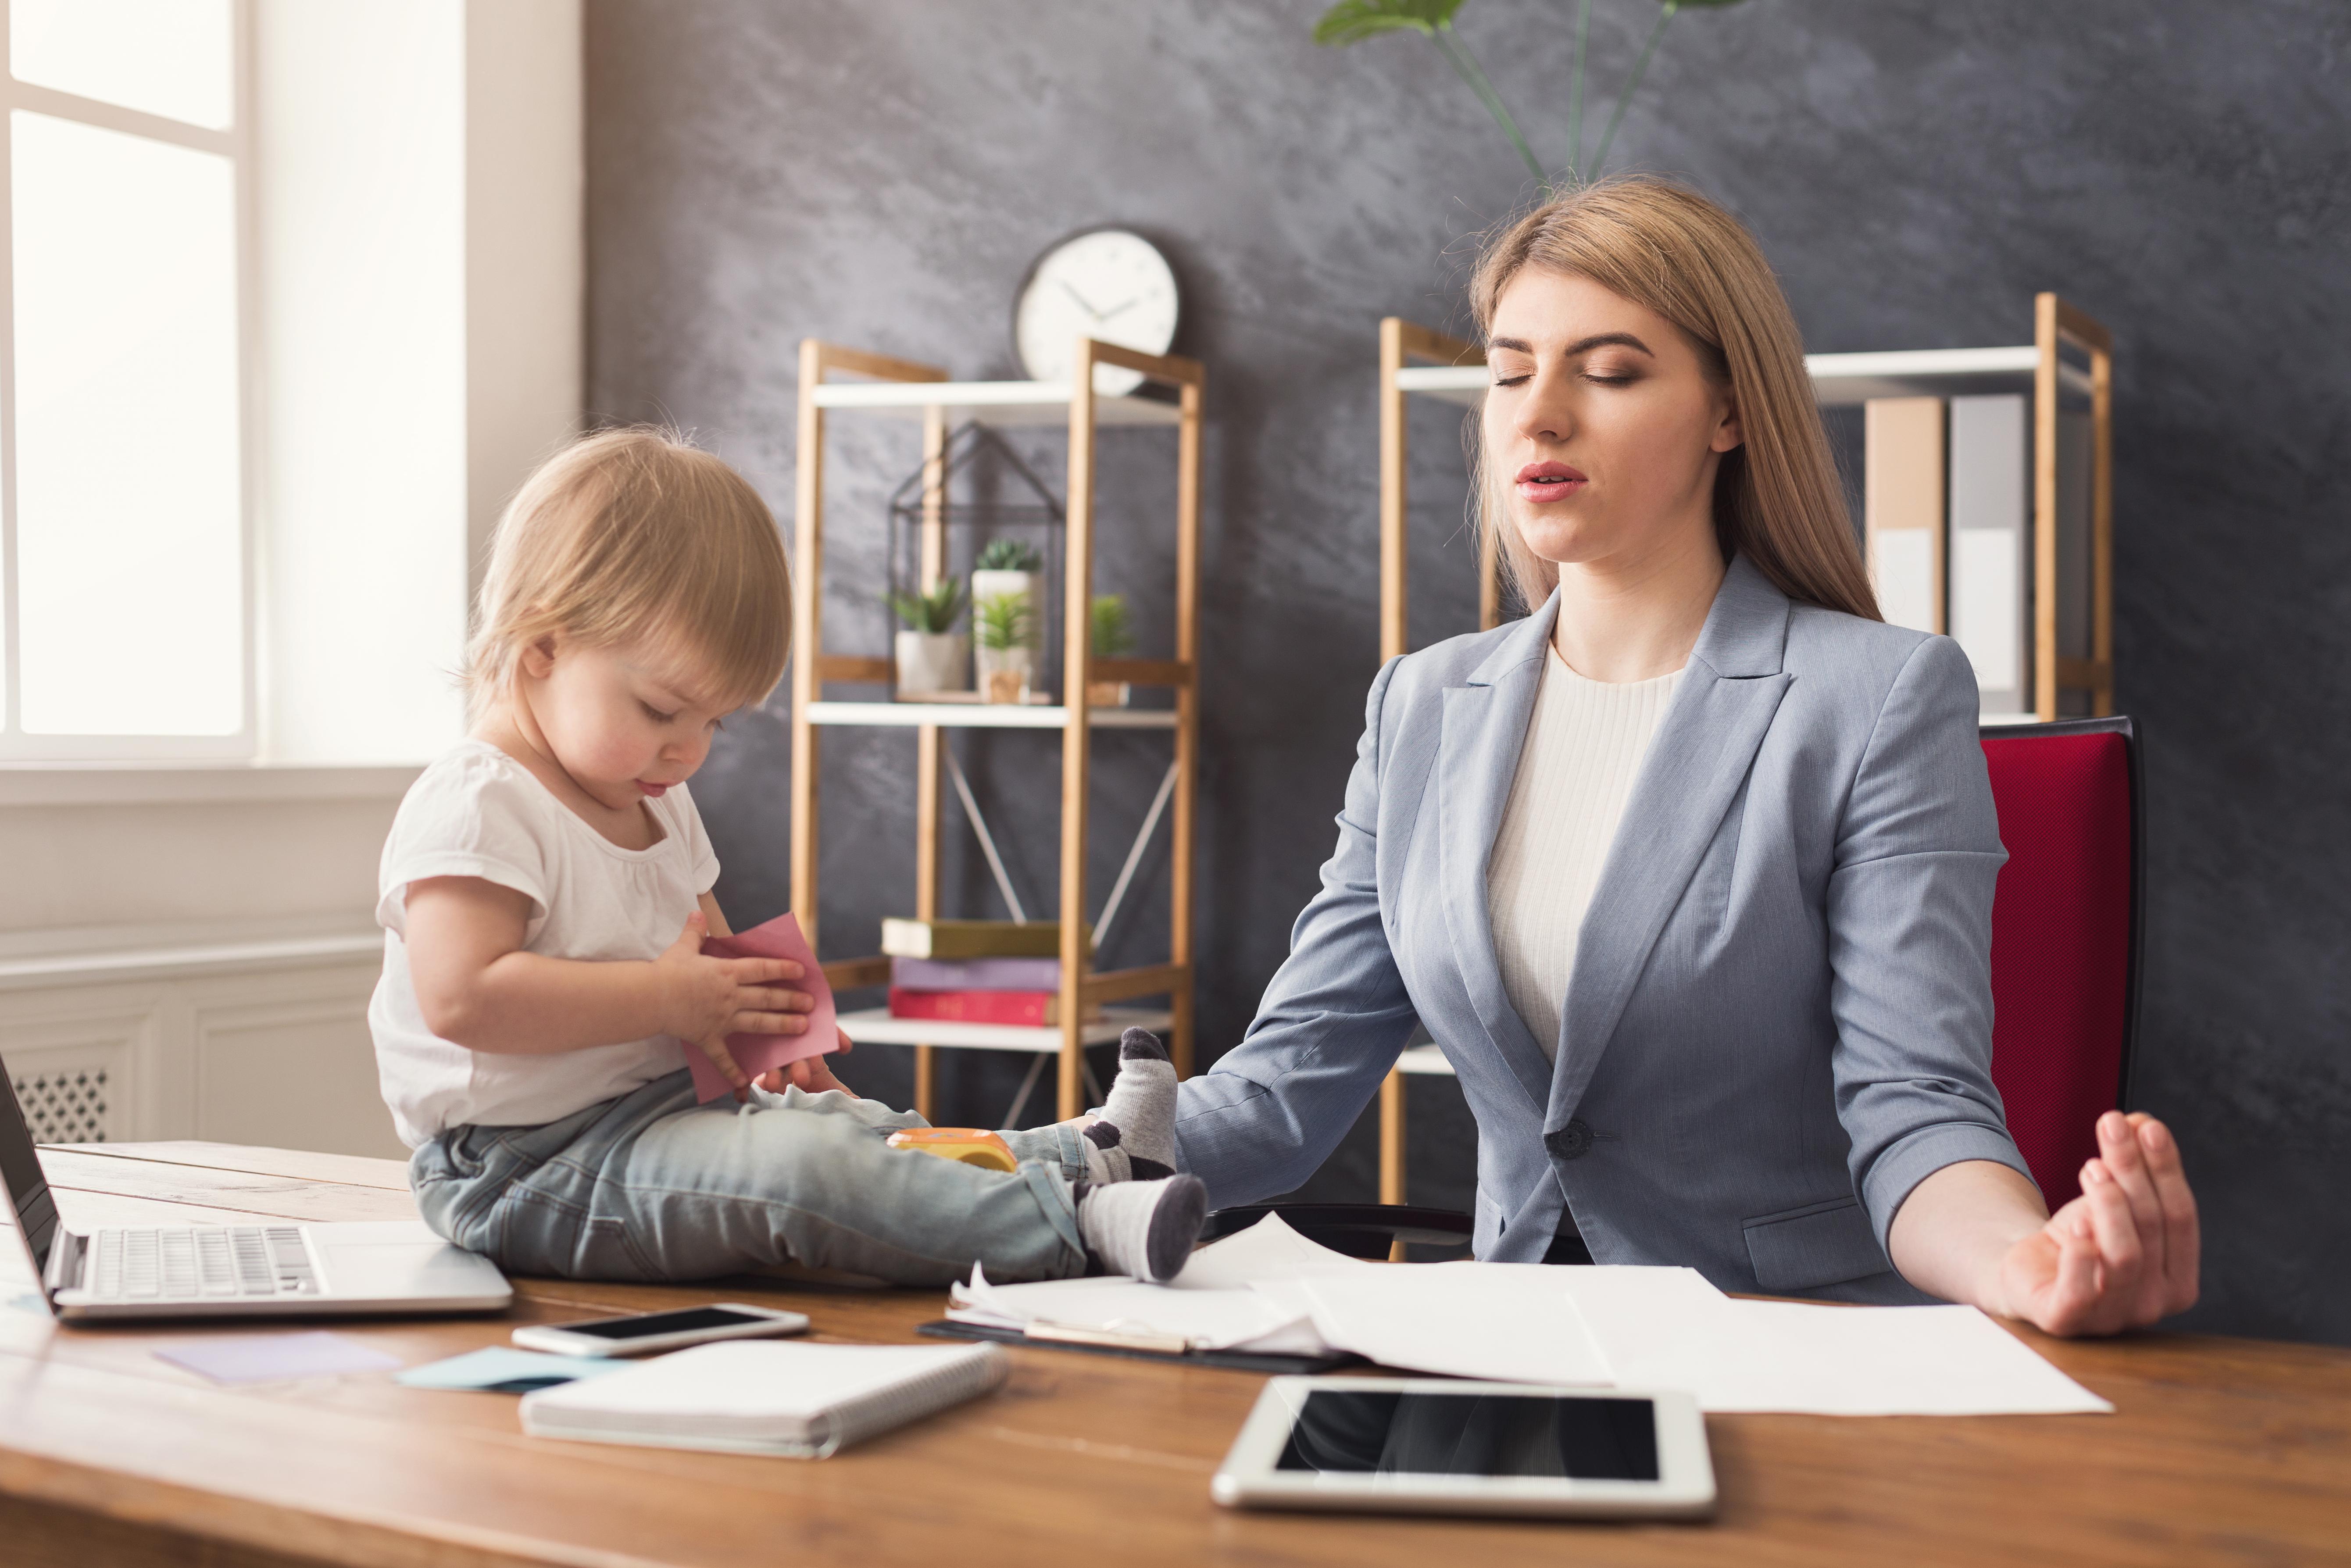 Як вижити в декреті: 5 способів, якими мами можуть подбати про себе